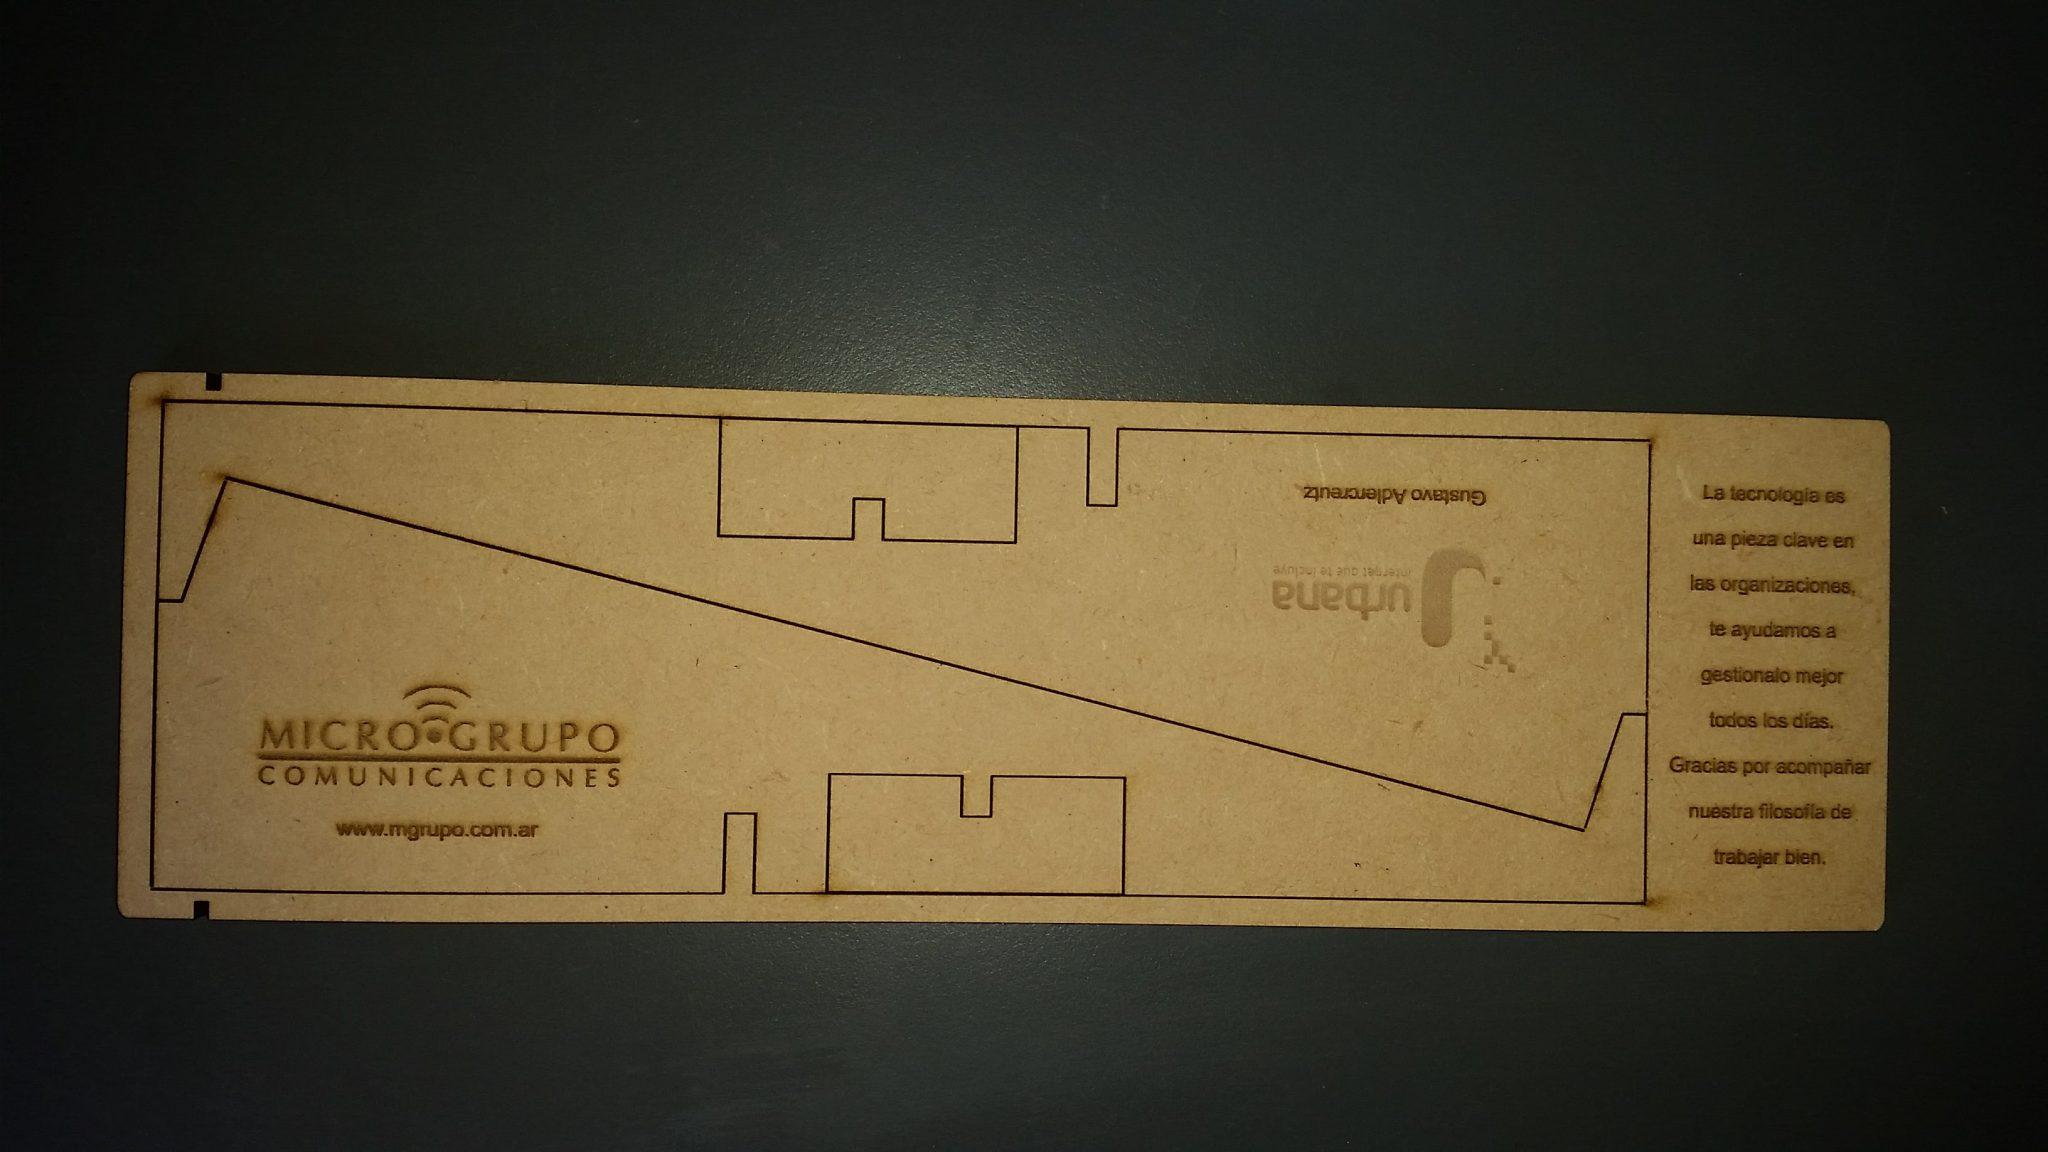 detalle de grabado en laser